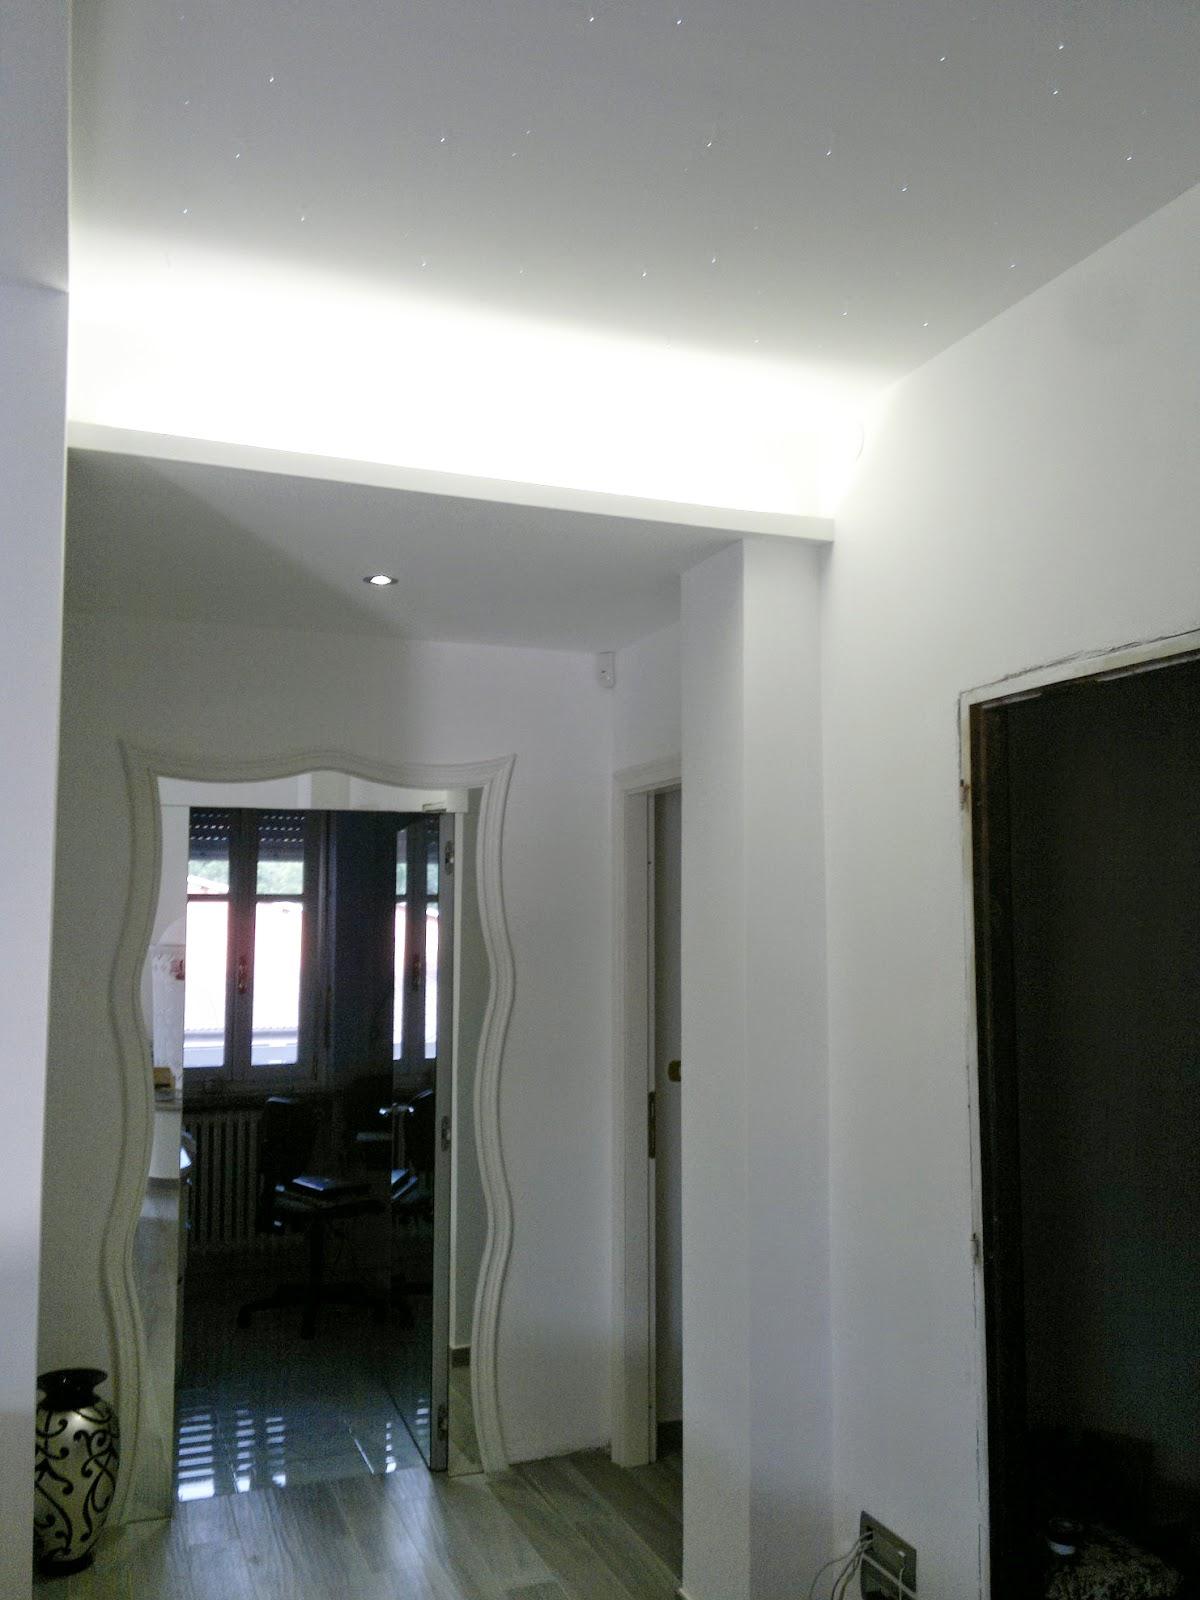 Illuminazione led casa almese ristrutturando una residenza privata - Illuminare casa con led ...